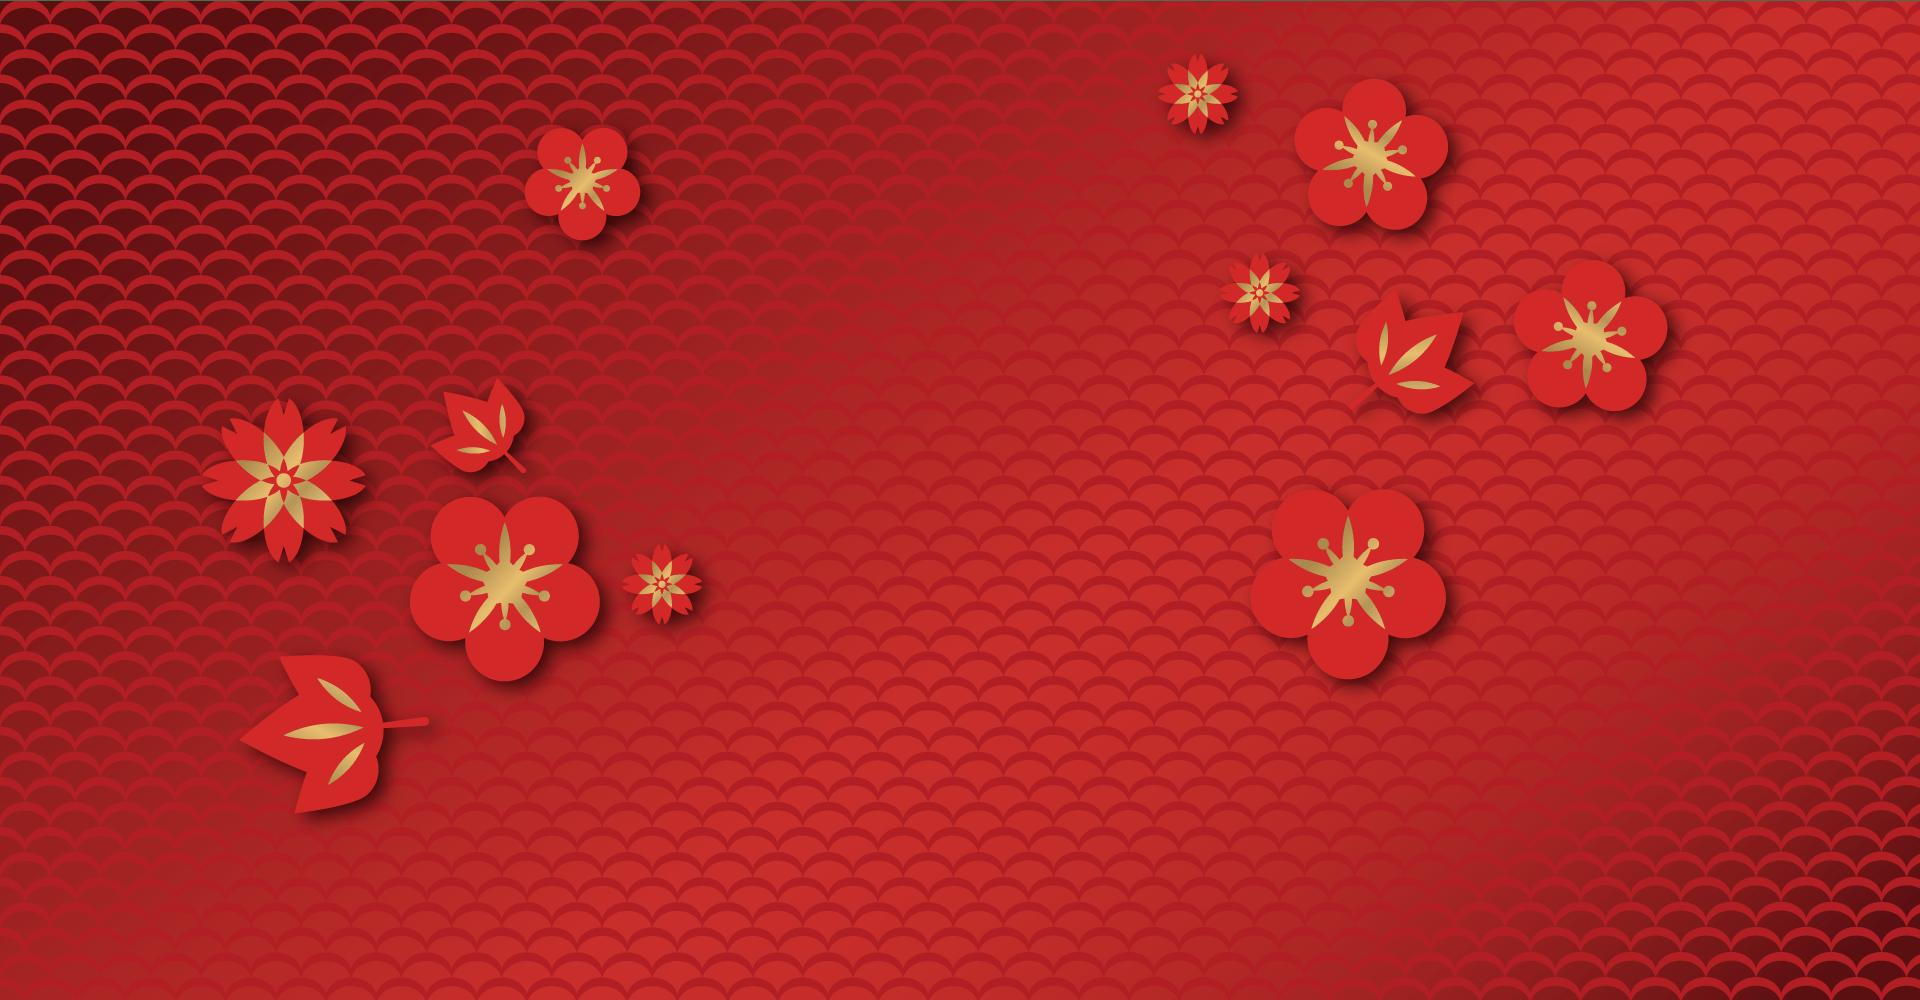 Nền background tết hoa đào